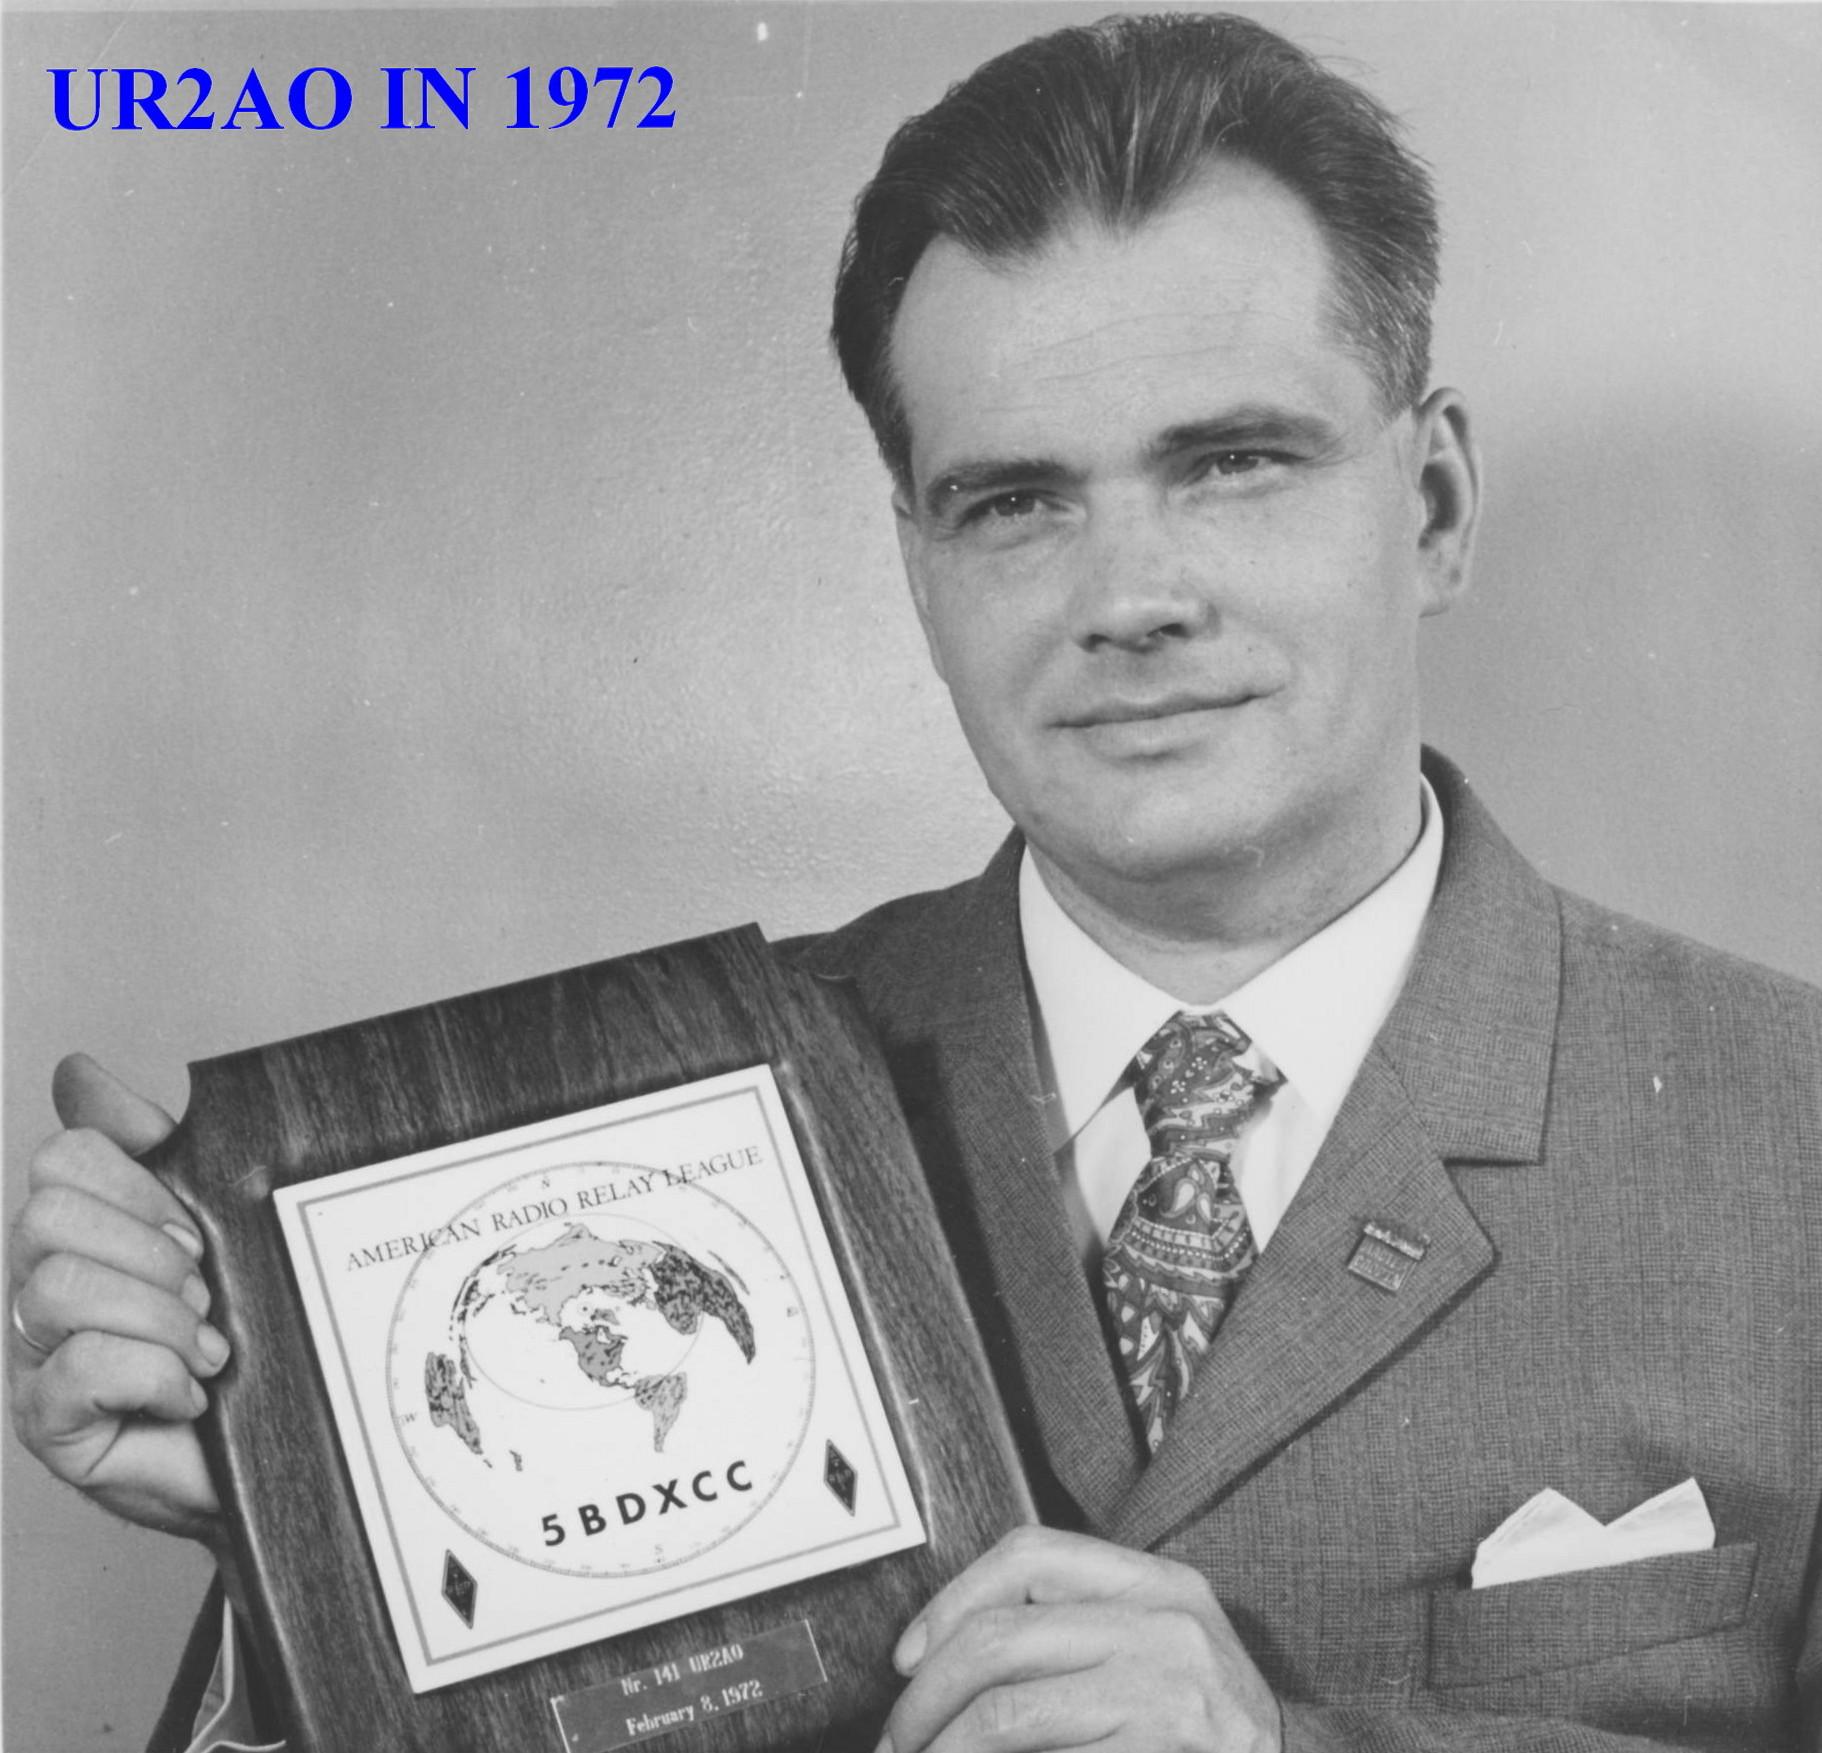 Нажмите на изображение для увеличения.  Название:UR2AO'72+.jpg Просмотров:5 Размер:478.7 Кб ID:194329